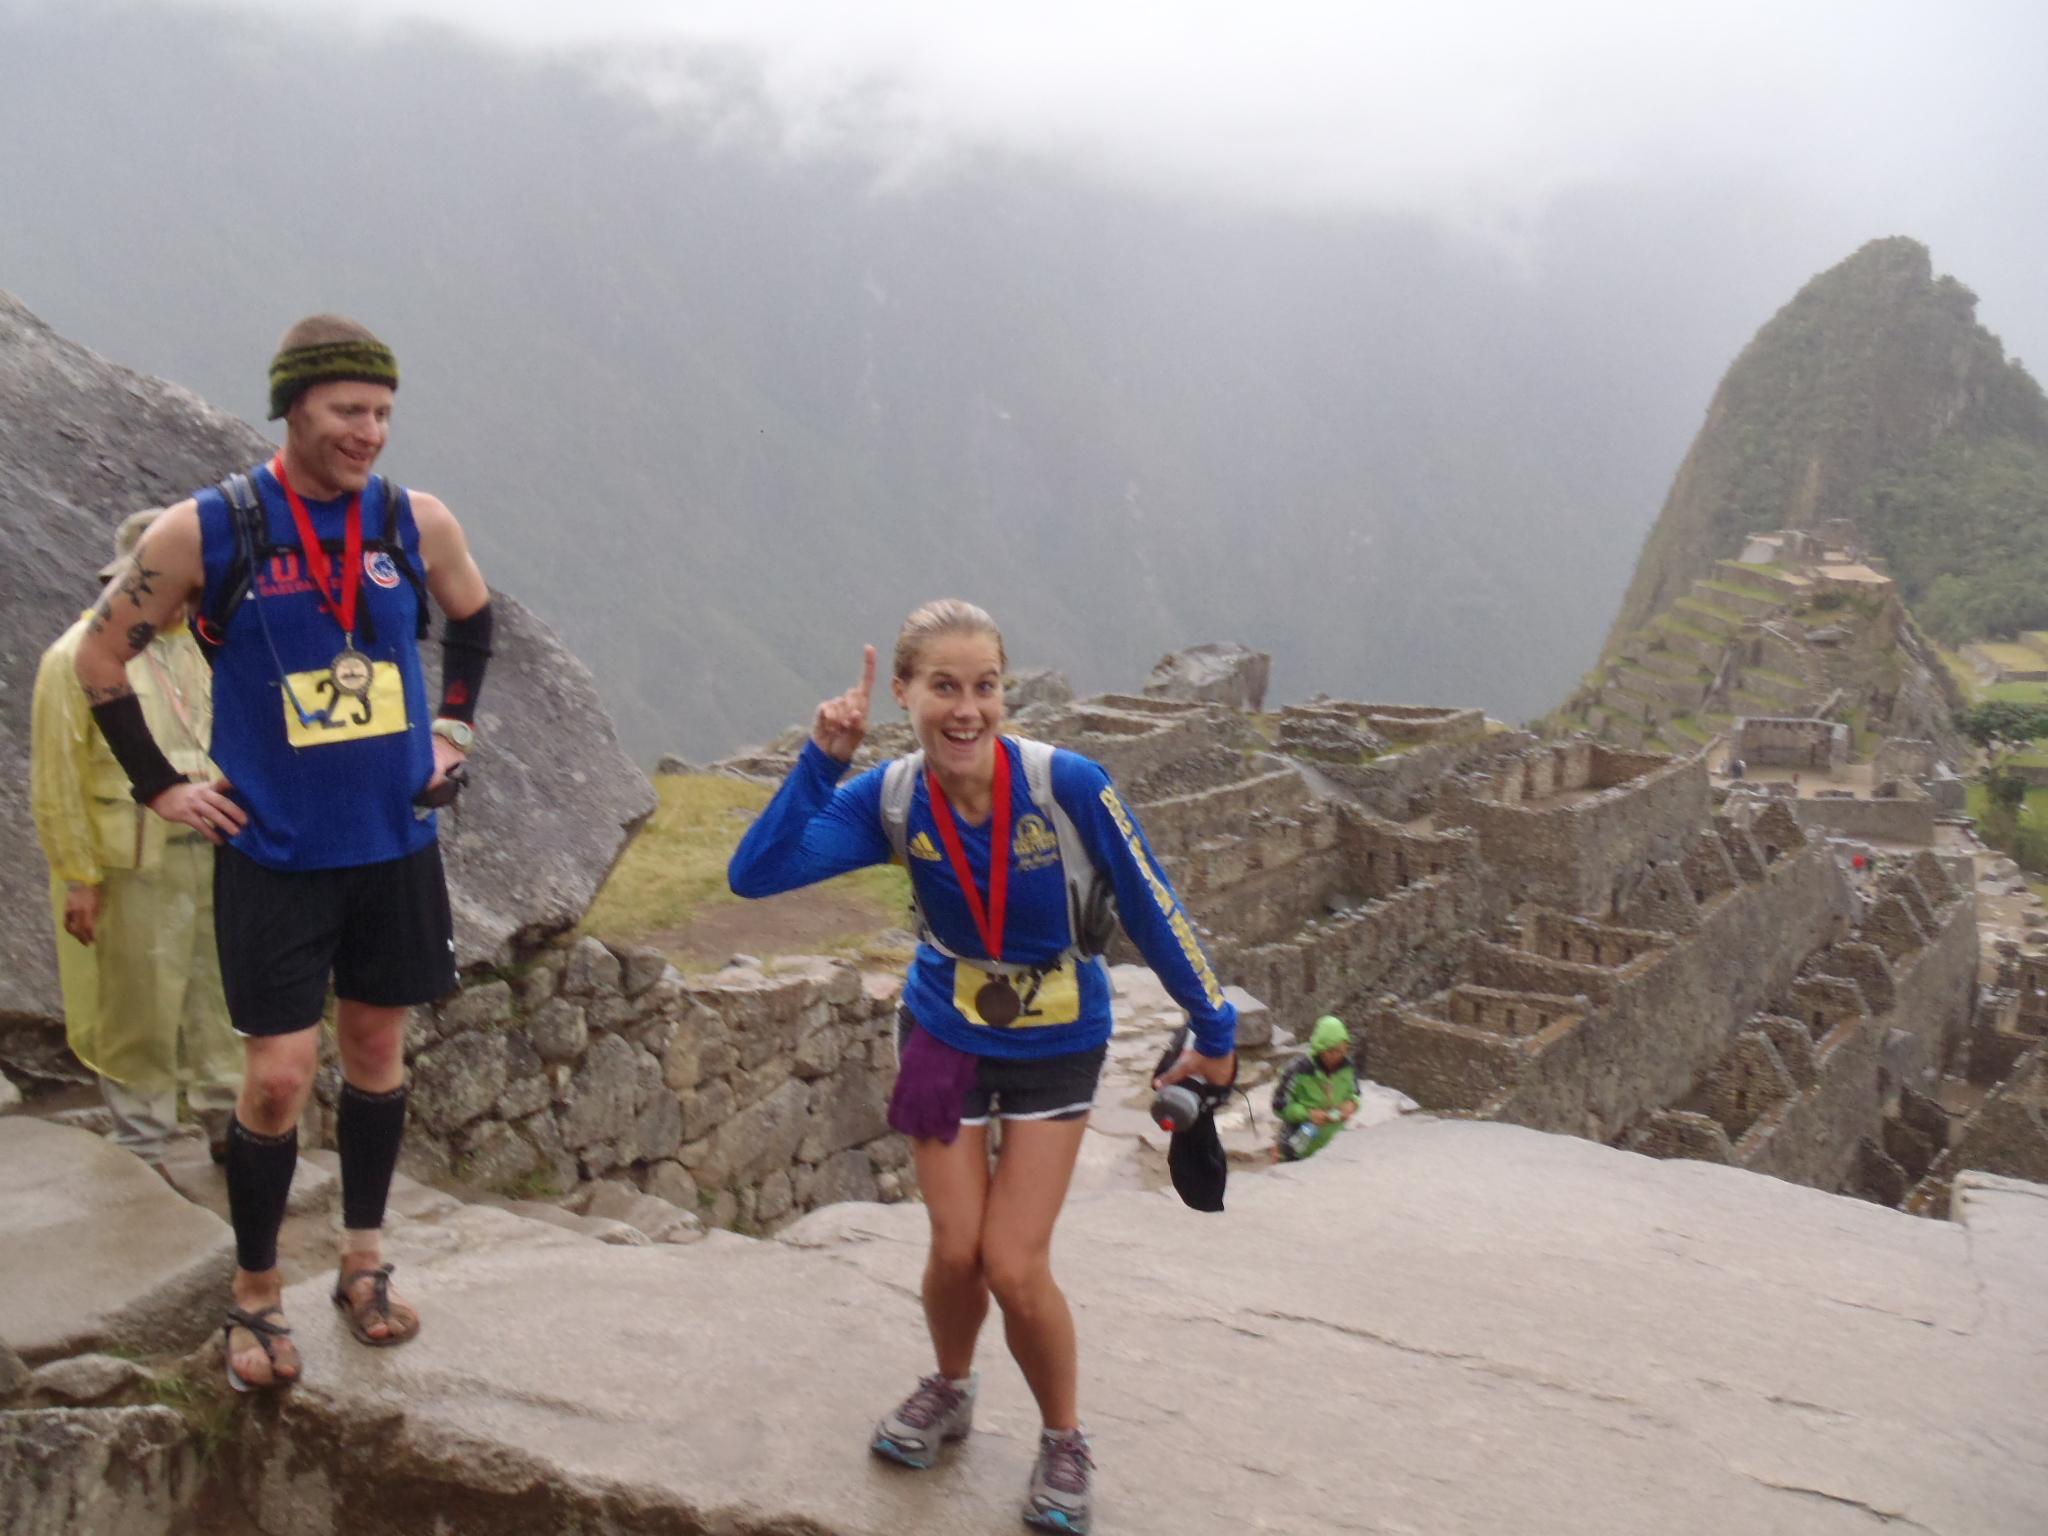 Official 26.2 mile Inca Trail Marathon and Mini Marathon